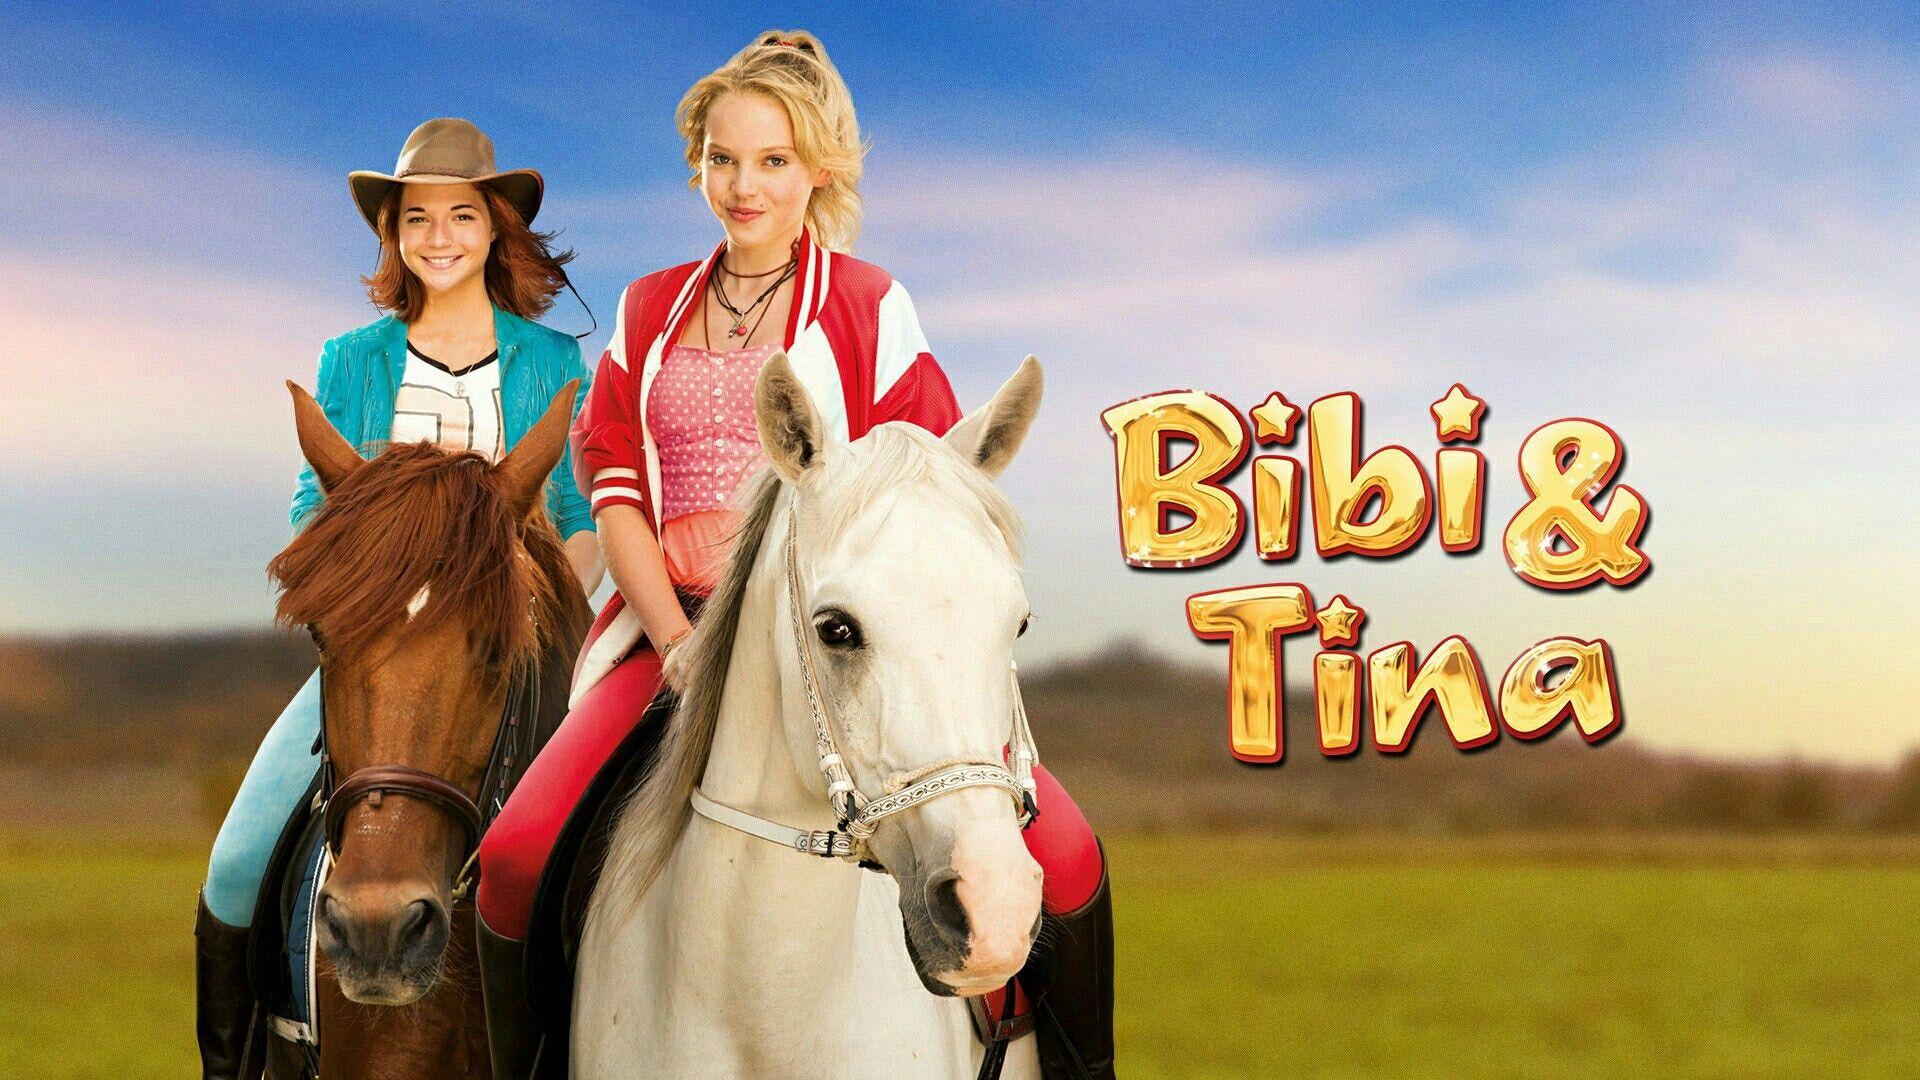 Pin Von Lina Tasche Auf Bibi And Tina Bibi Und Tina Bibi Und Tina Film Ausmalen